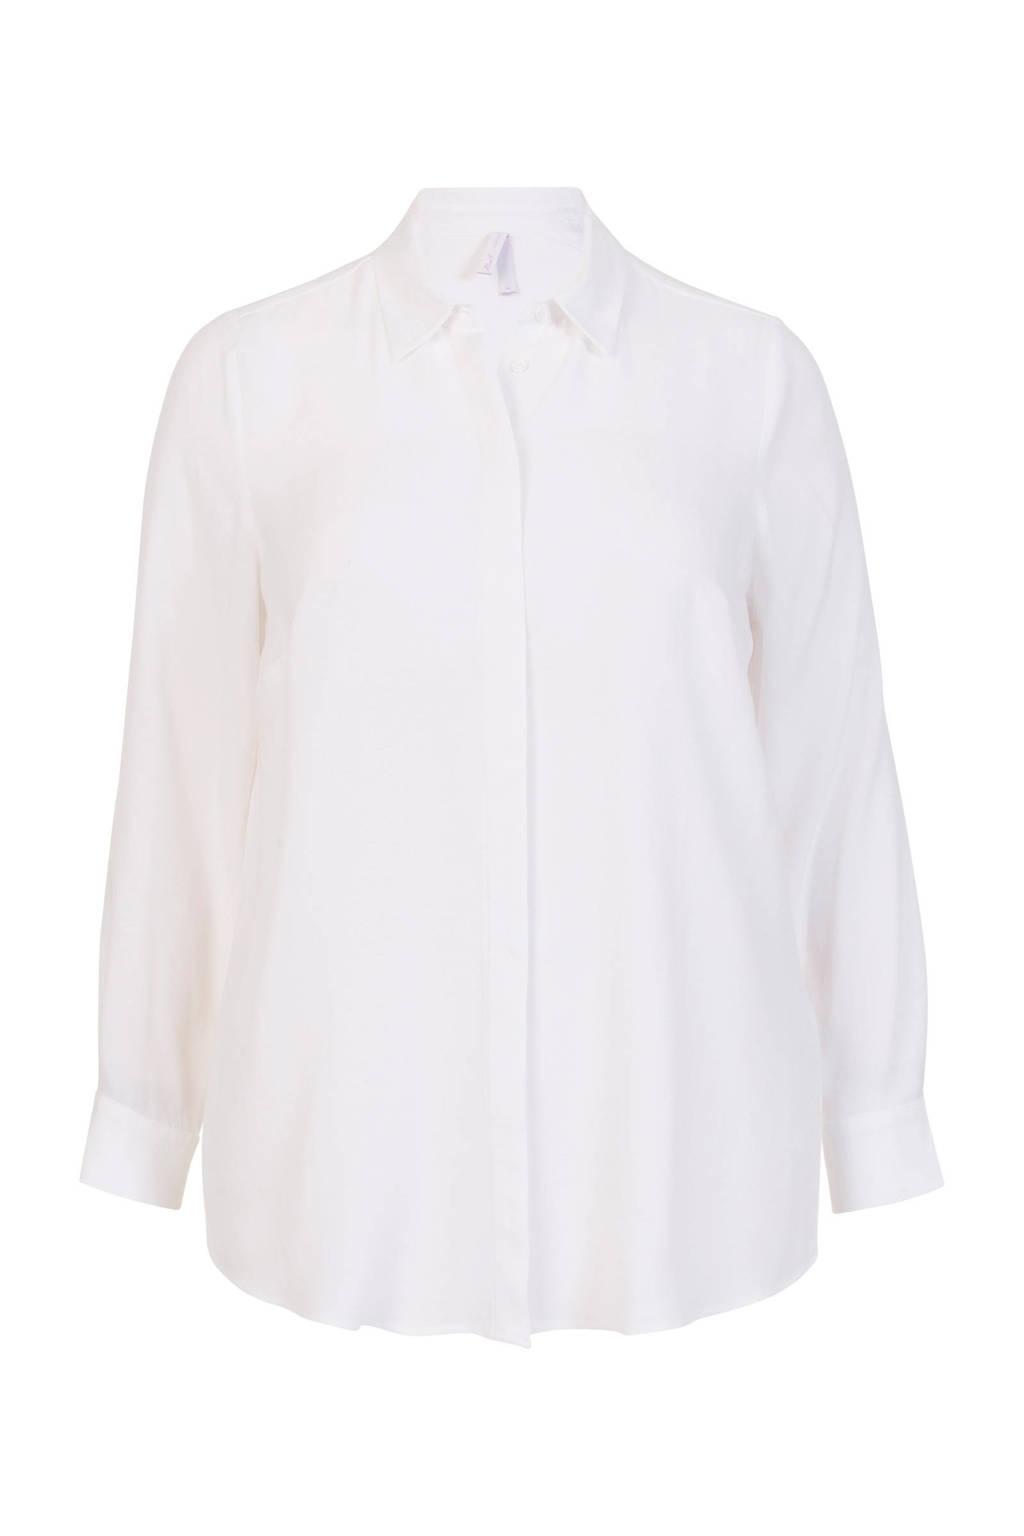 Miss Etam Plus blouse wit, Wit